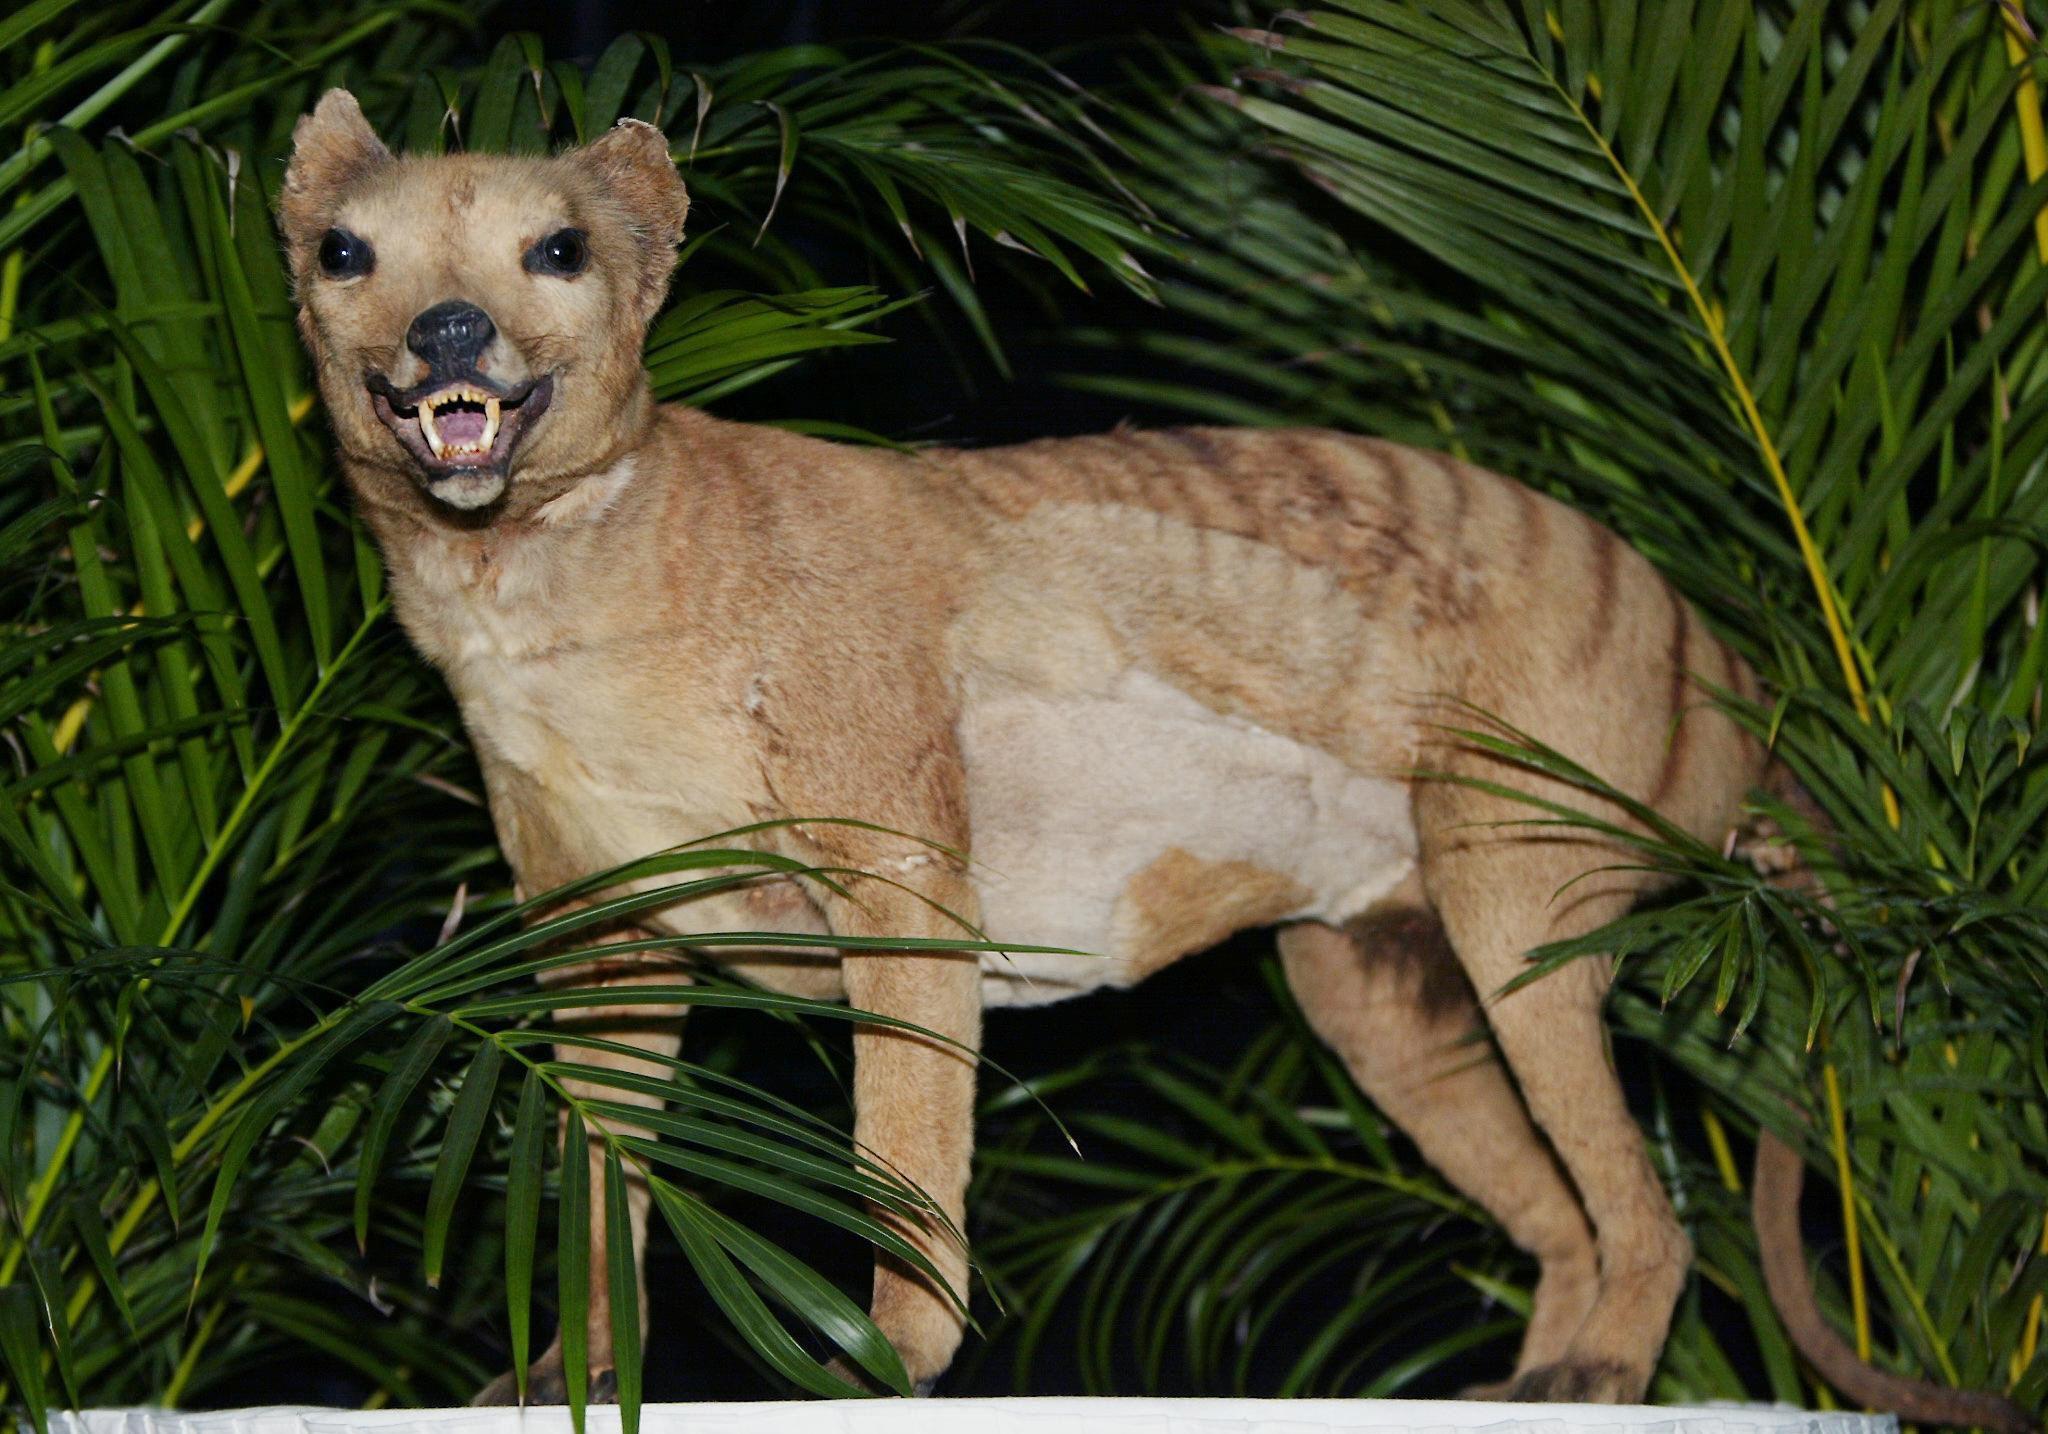 Tigre-da-tasmânia, declarado extinto em 1936, no museu de Austrália, Sydney